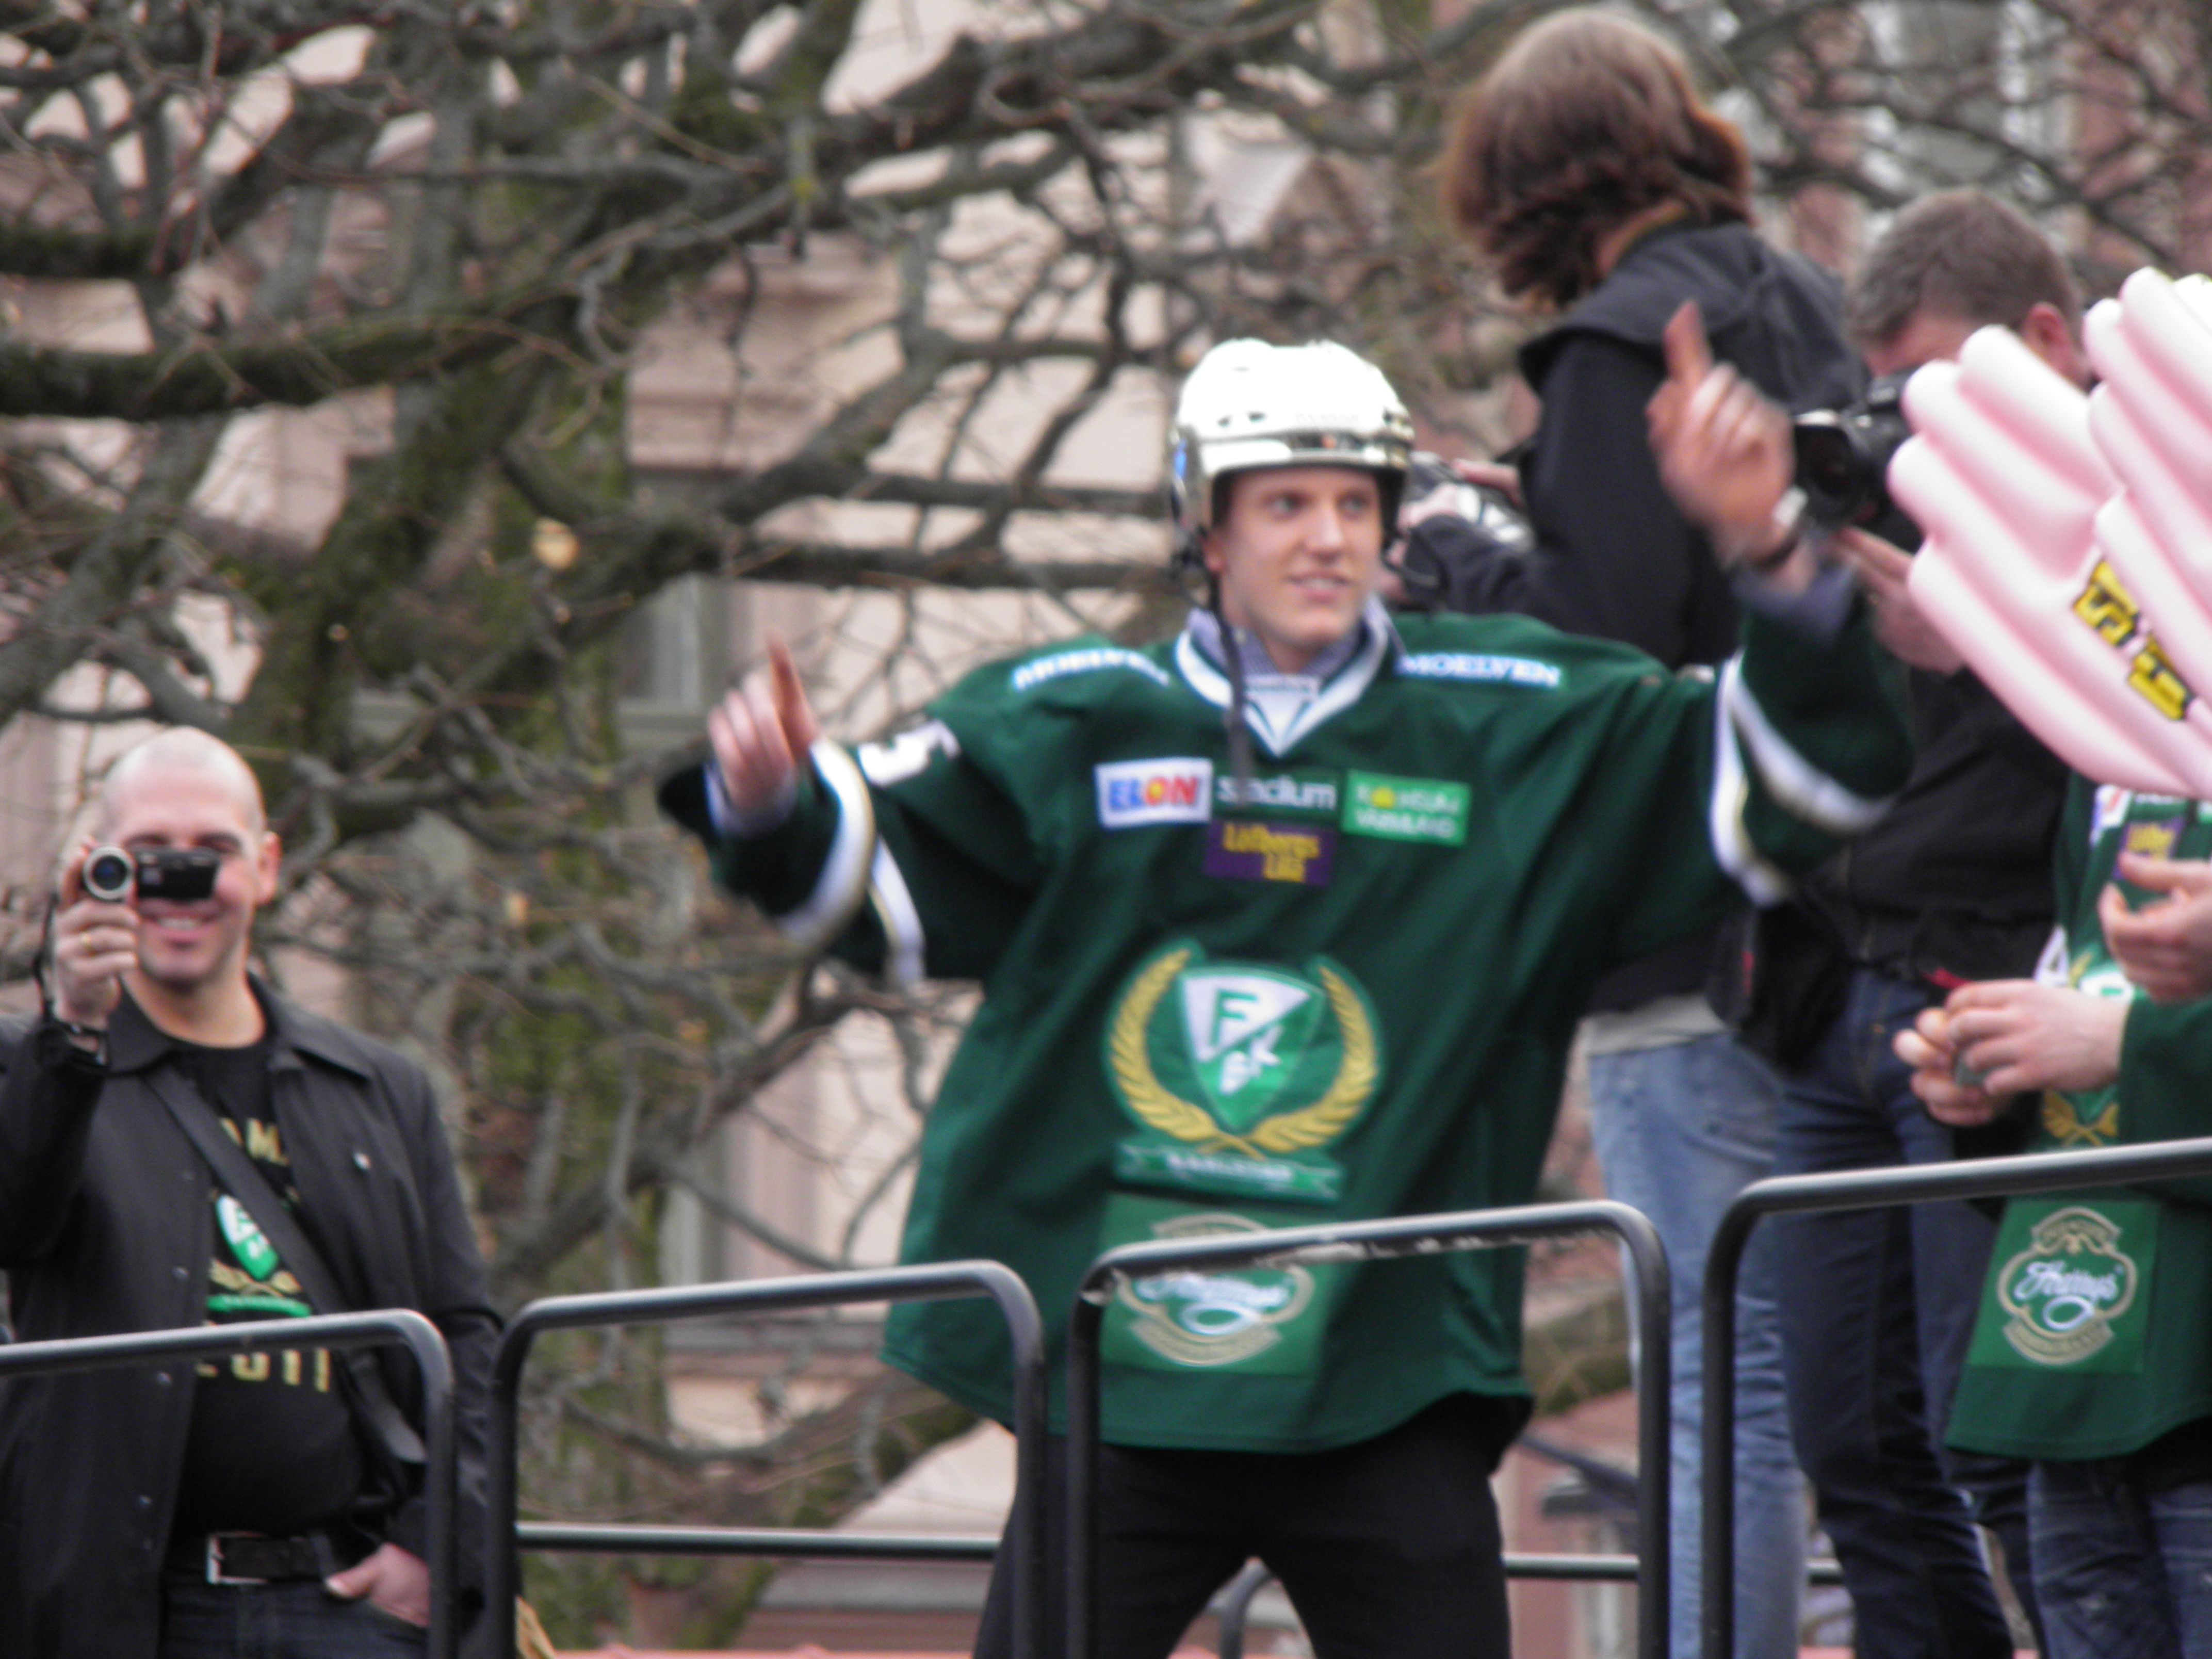 SM-guld, JVM-guld och nu NHL-debut vid 19 års ålder - Jonas Brodin kan bli hur stor som helst! Foto: Marie Angle/fbkbloggen